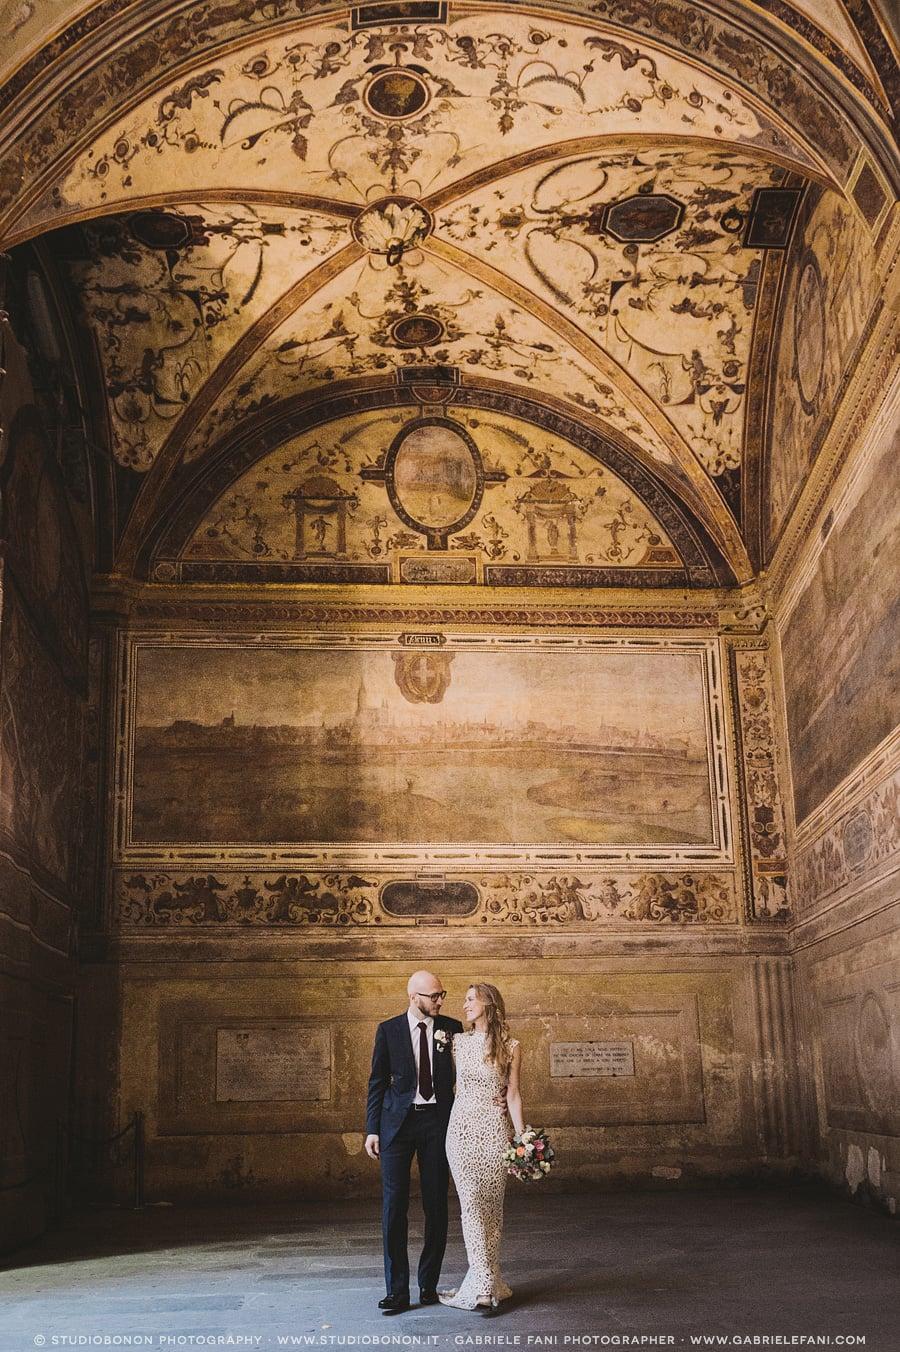 070-bride-and-groom-portrait-in-palazzo-vecchio-chiostro-florence